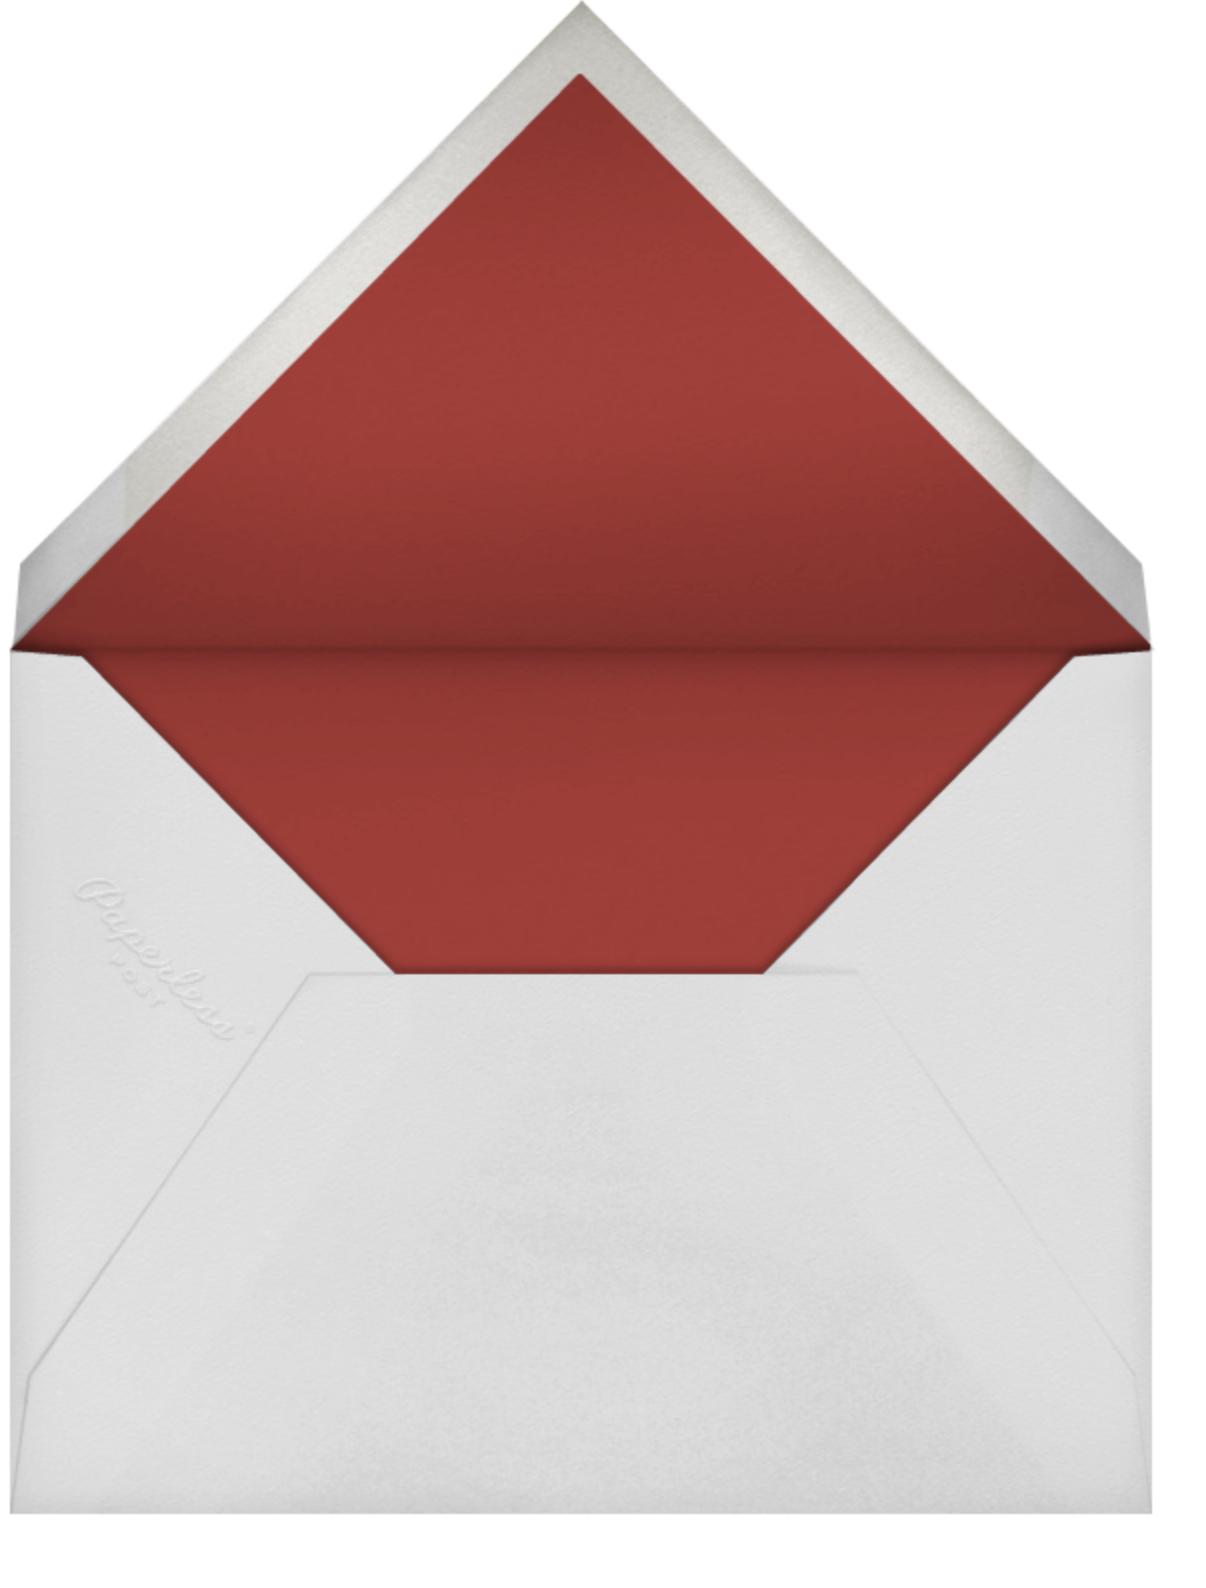 Ikat Floral - Navy/Rose Gold - Oscar de la Renta - Envelope